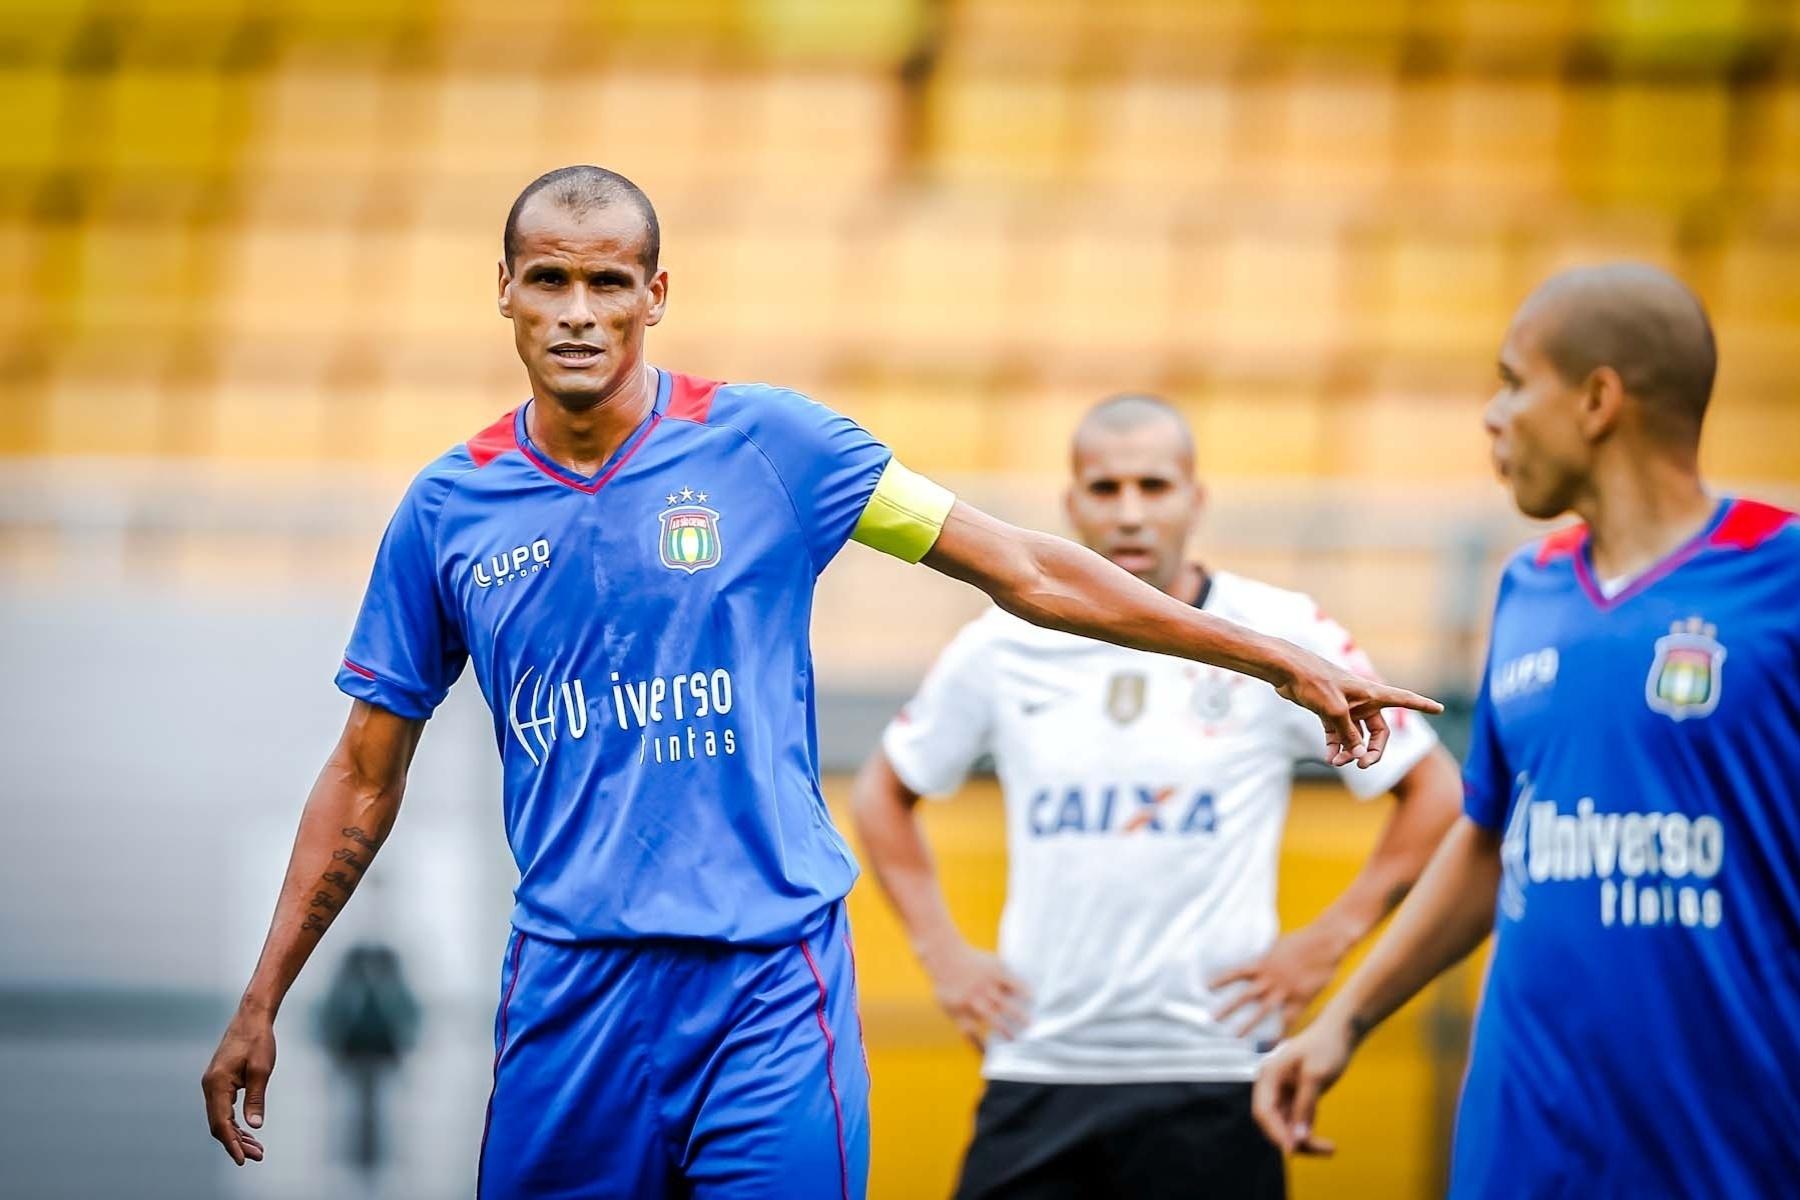 09.fev.2013- Rivaldo faz a sua estreia com a camisa do São Caetano como capitão contra o Corinthians, no Pacaembu